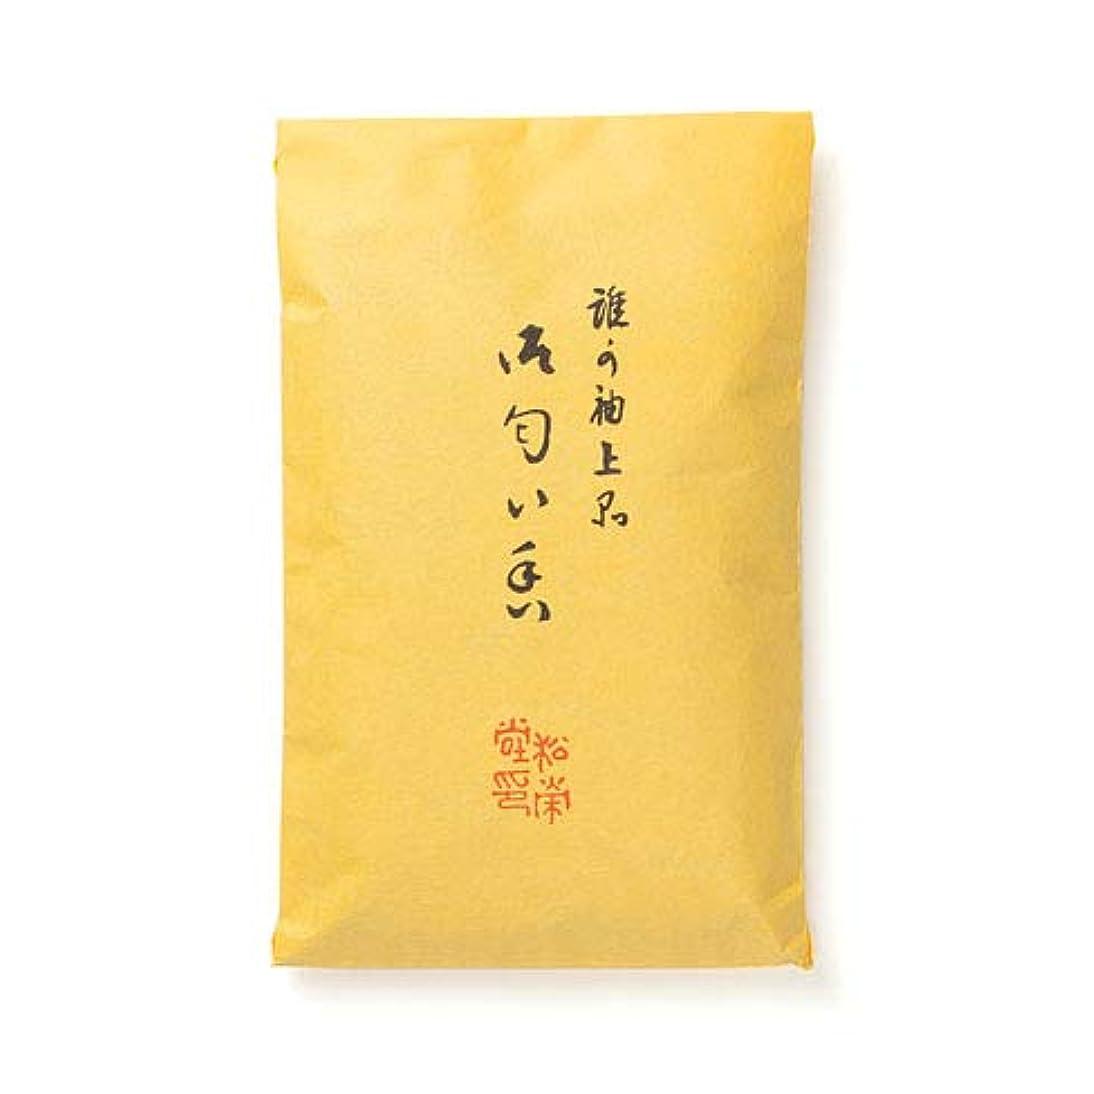 魅力順応性のある屋内松栄堂 誰が袖 上品 匂い香 50g袋入